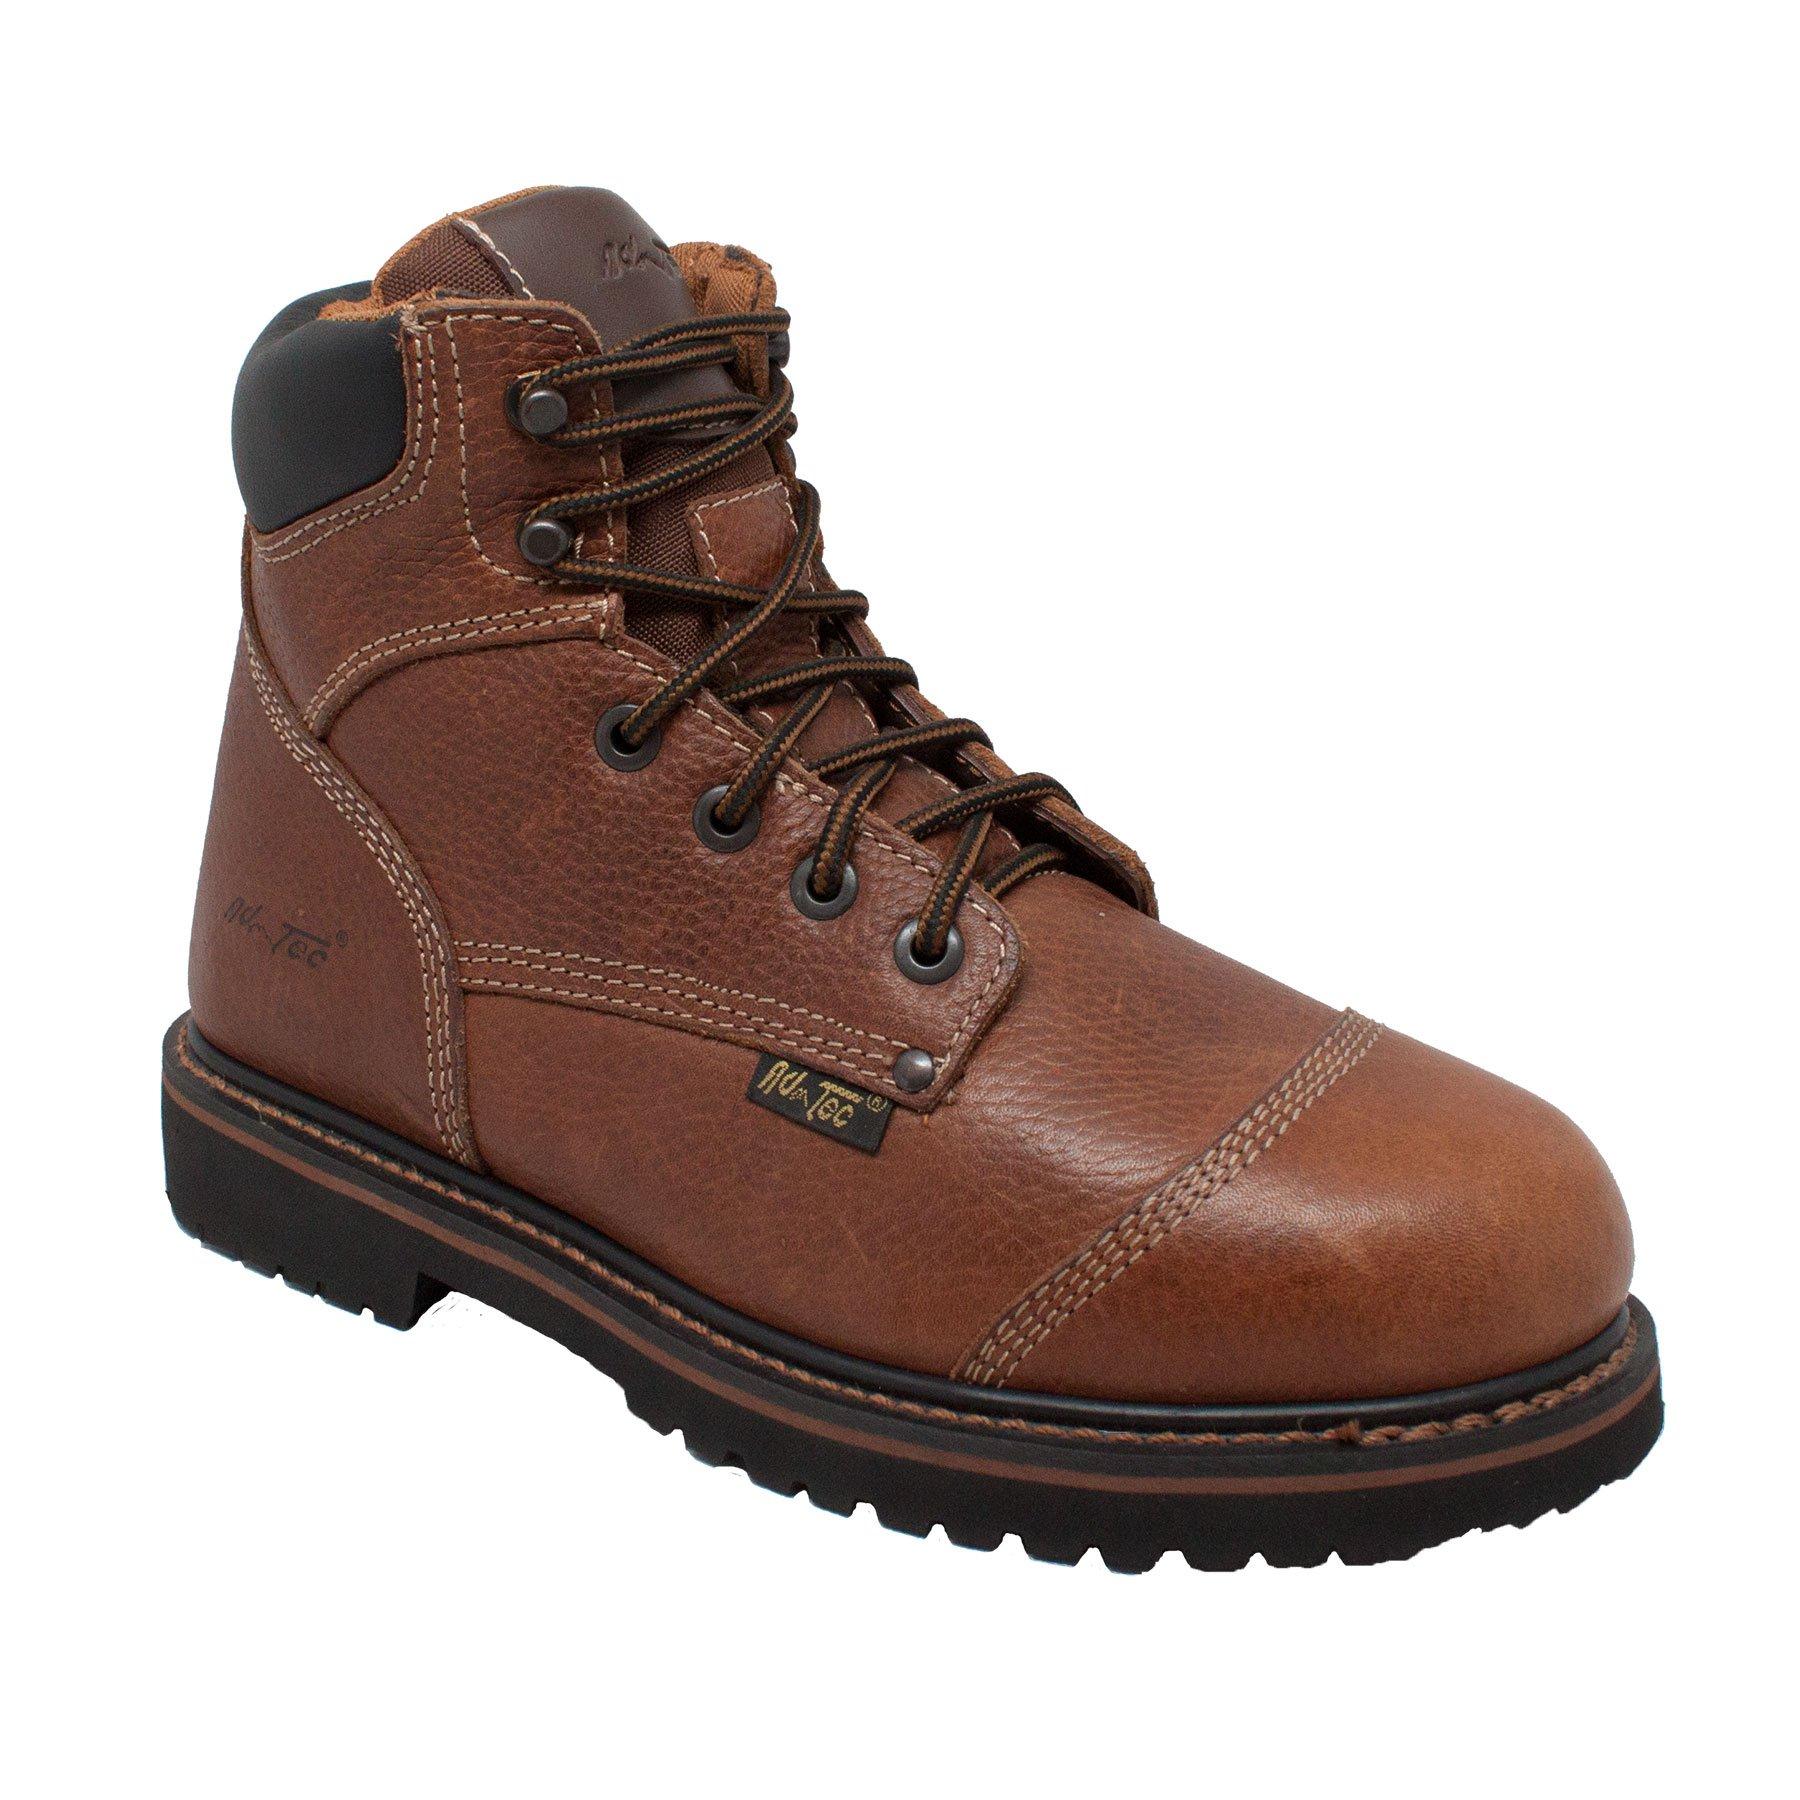 Adtec Men's 6 inch Comfort Work Boot, Light Brown, 8.5 W US by Adtec (Image #1)